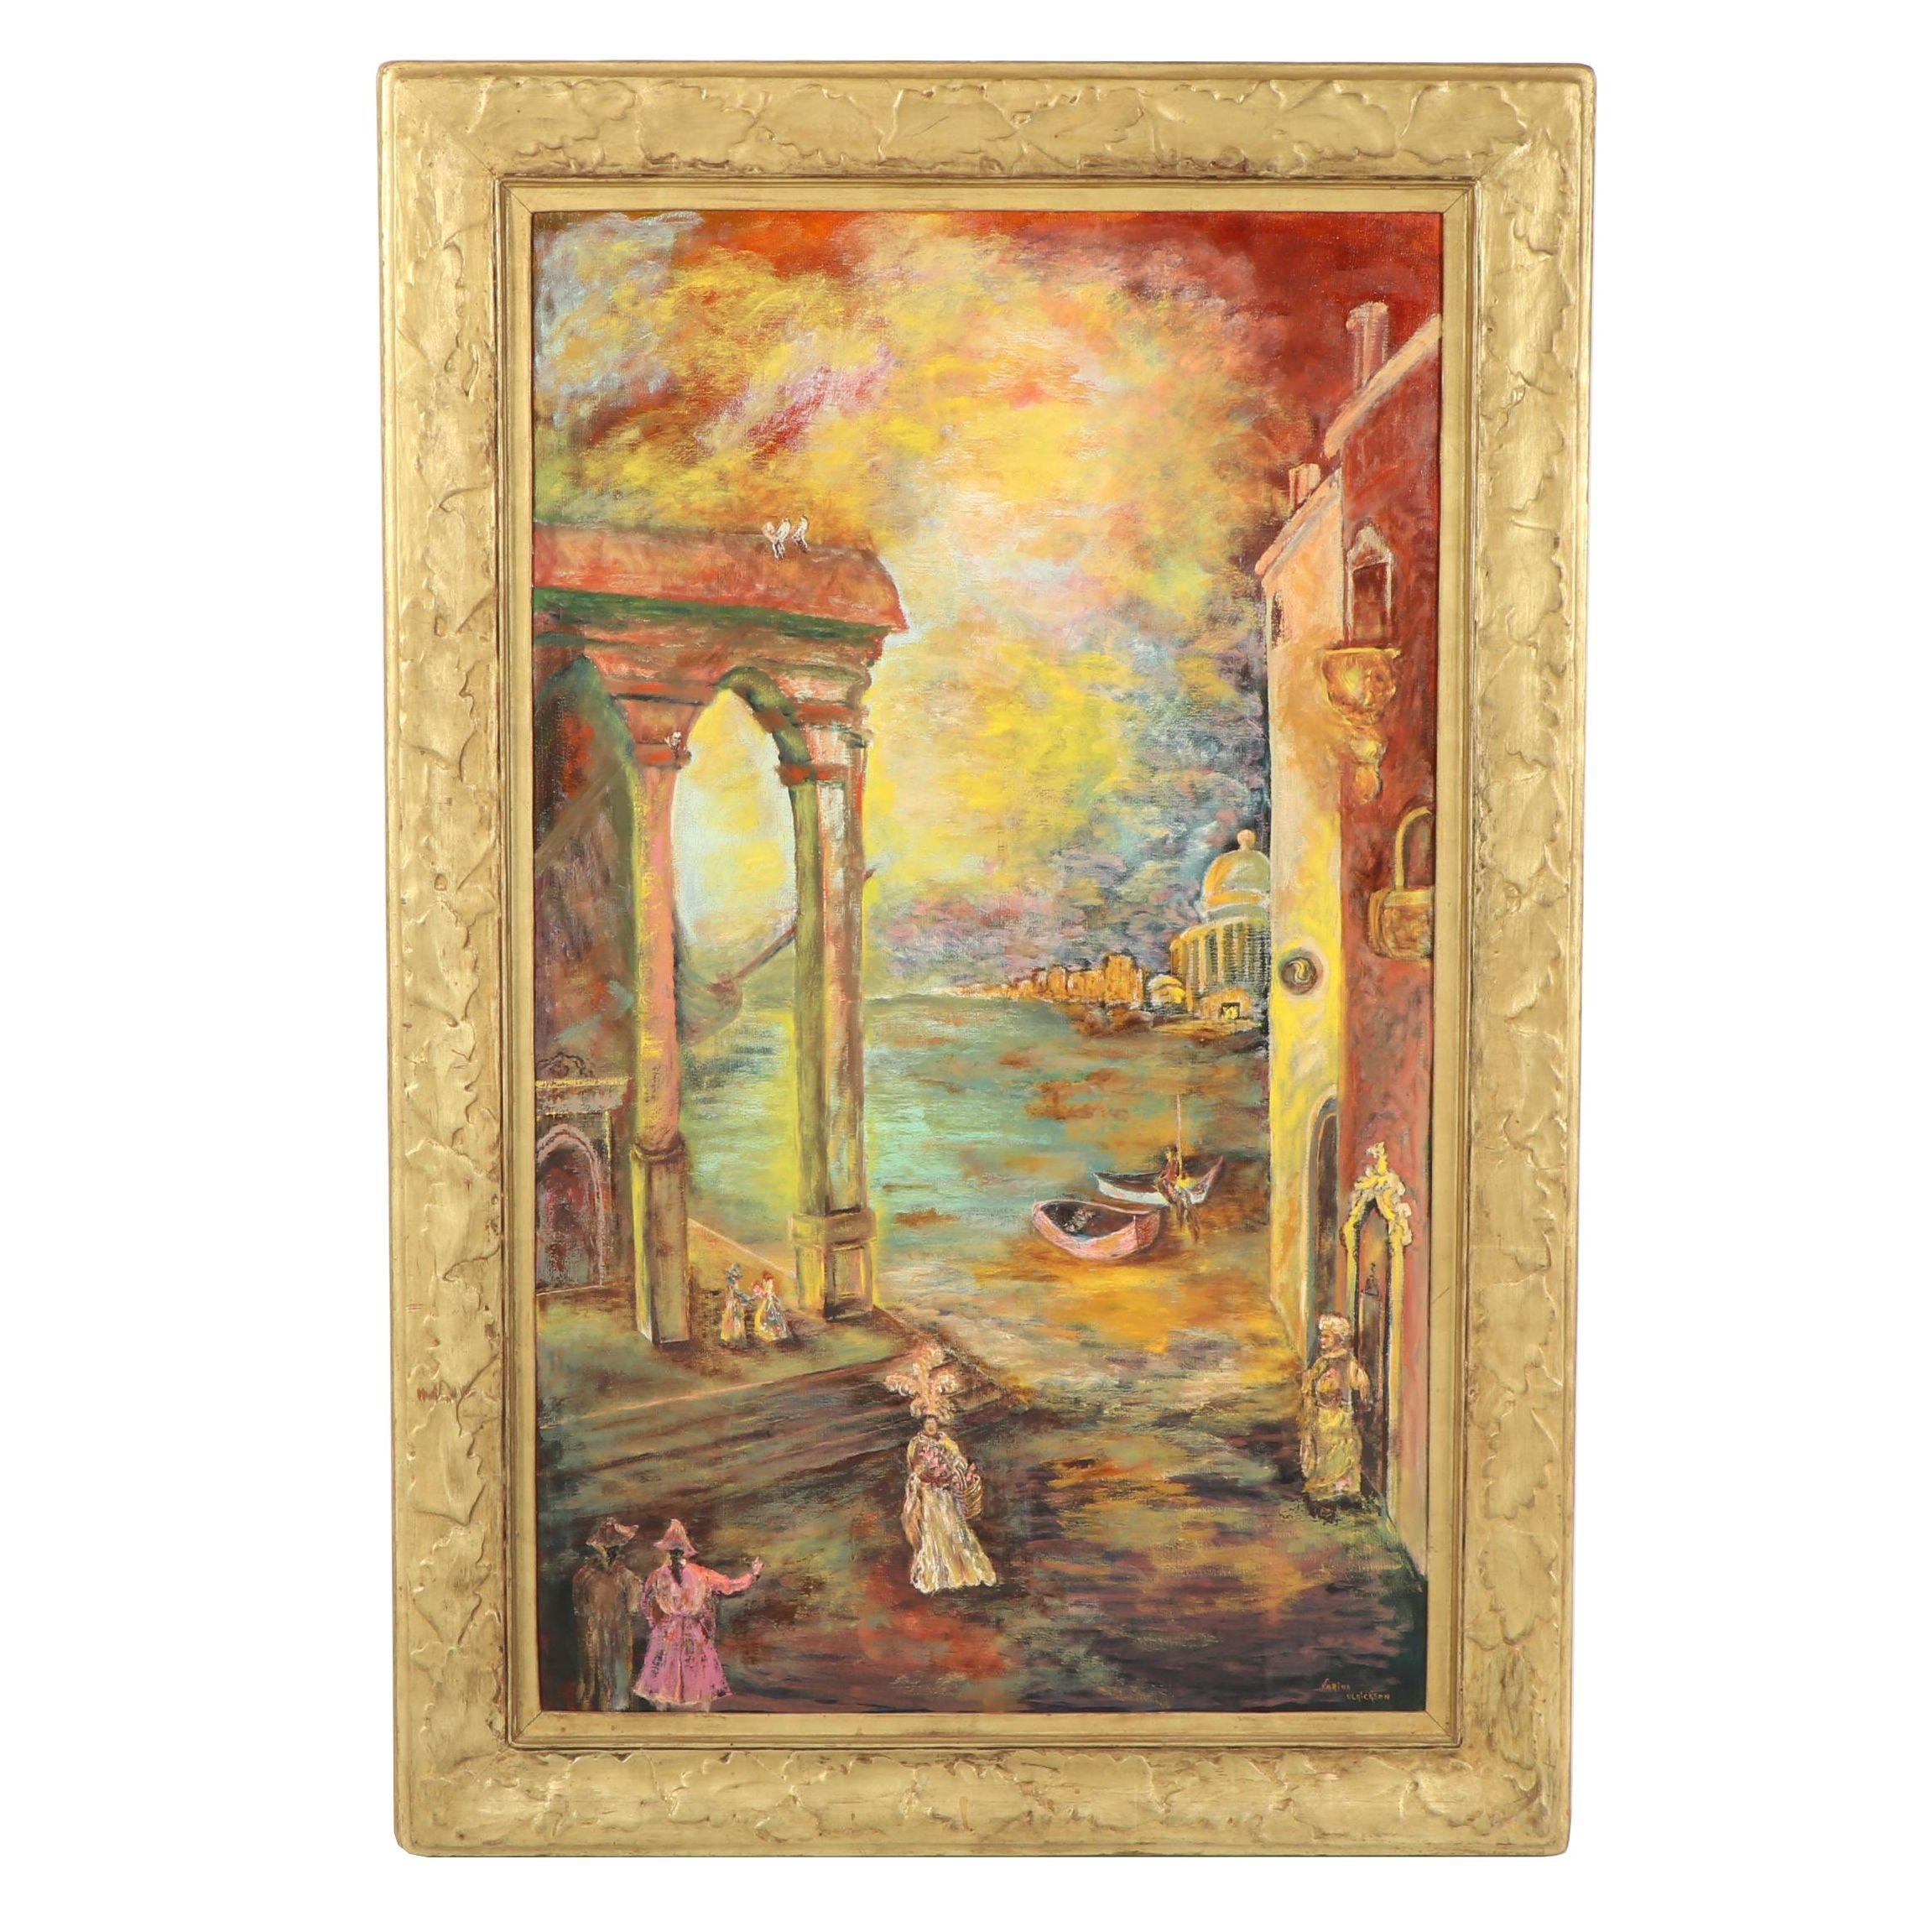 Varina Ulrickson Oil Painting of City Scene